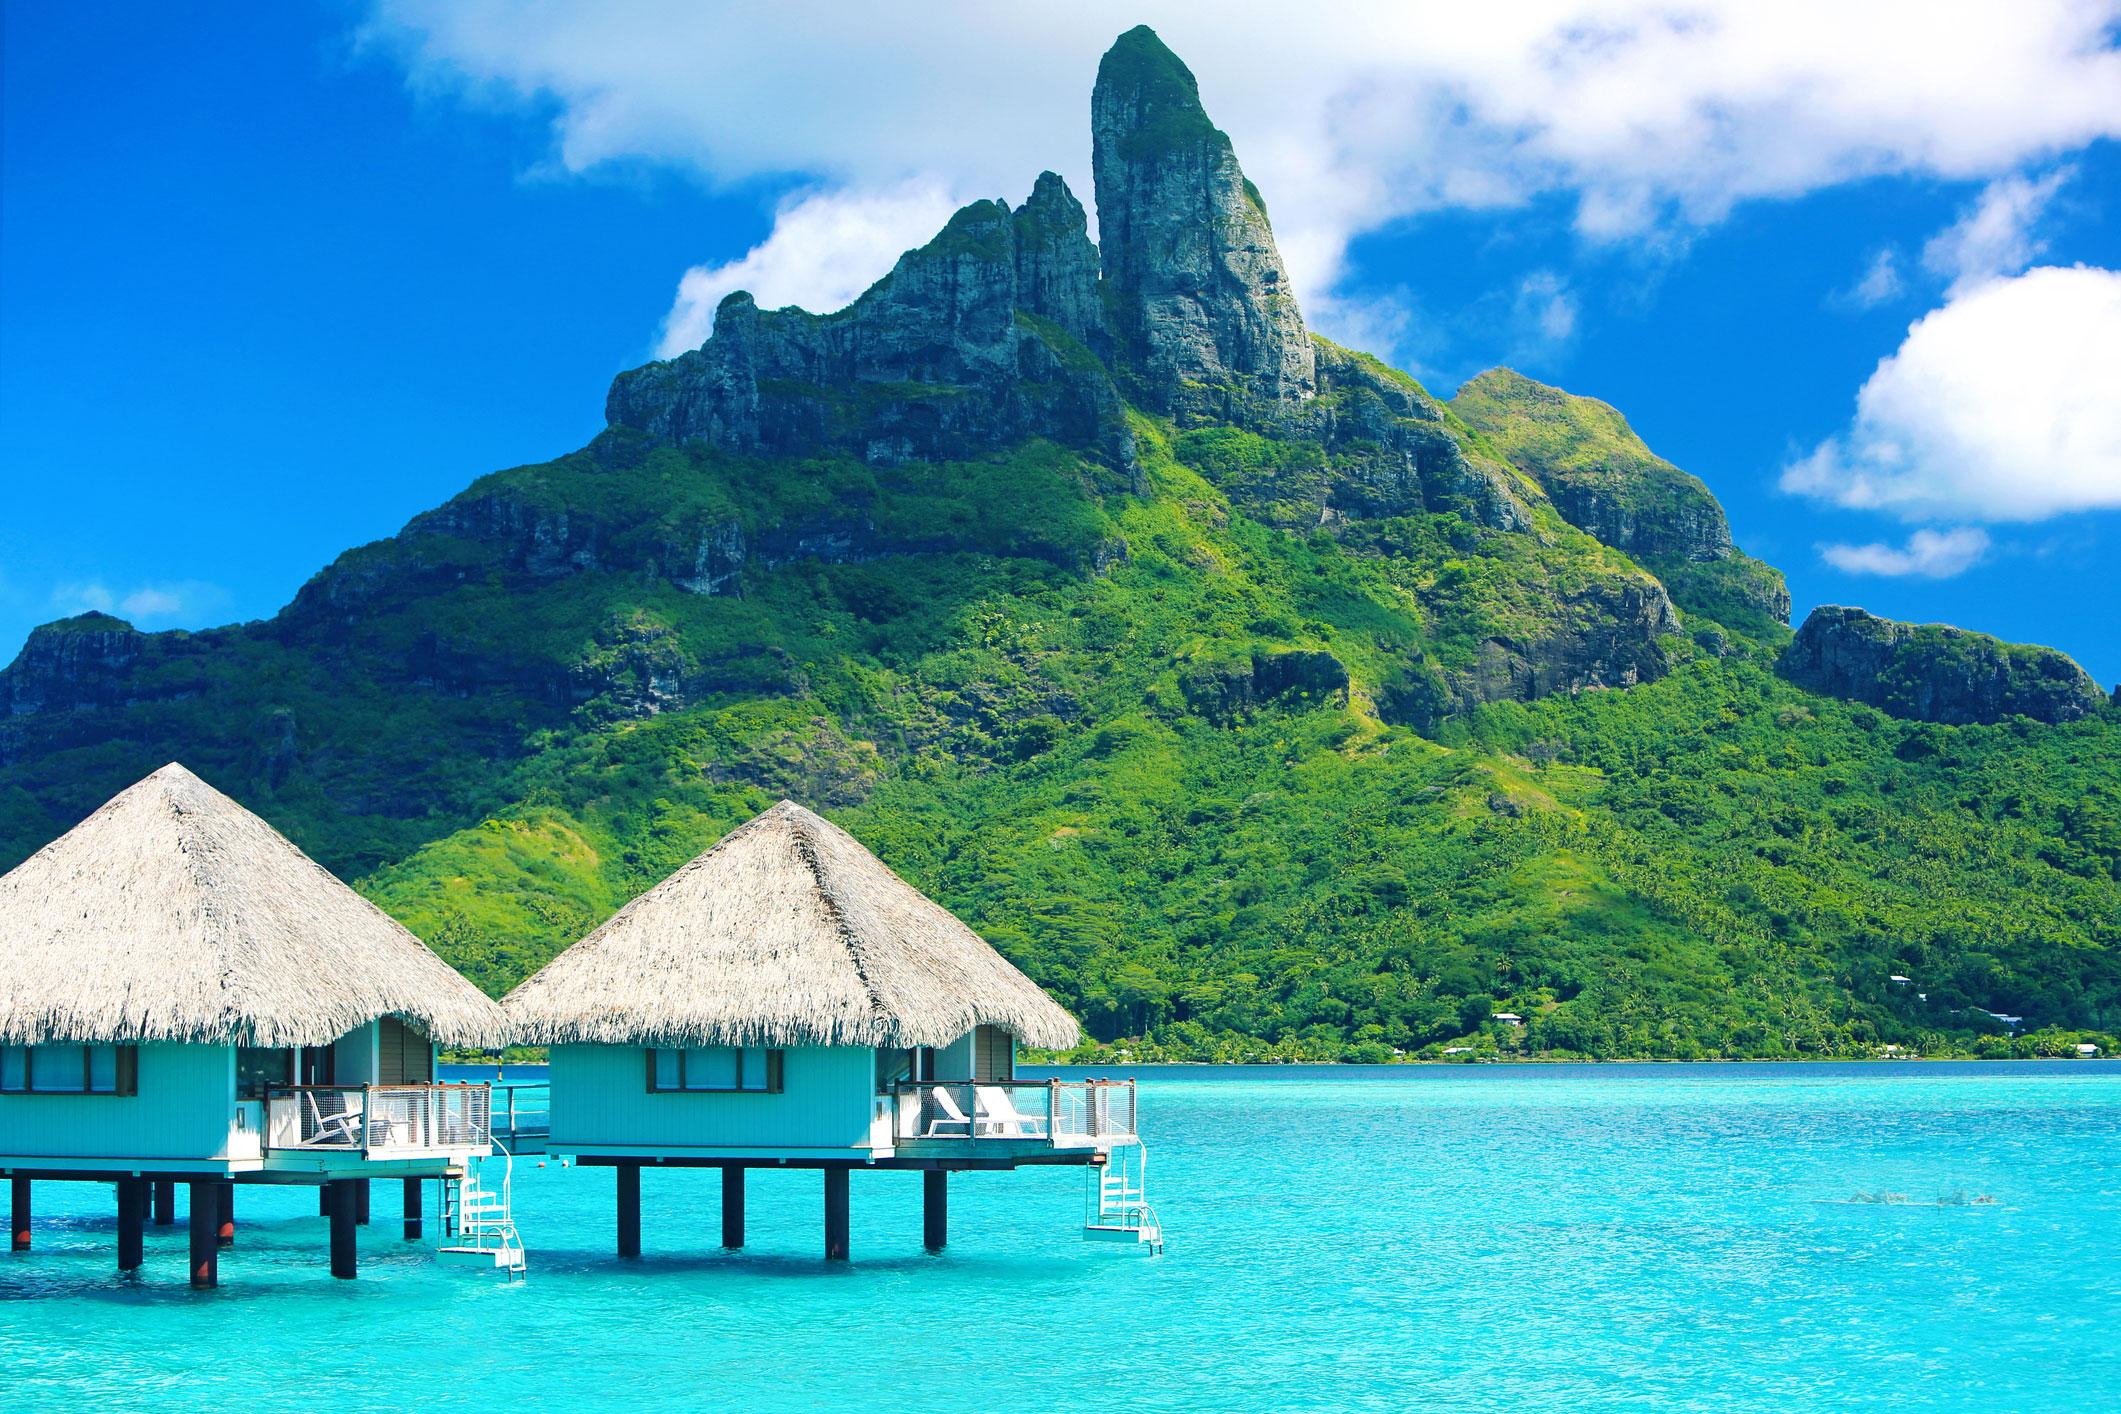 """タヒチは、南太平洋にある118の島々と環礁から成り、""""地上最後の楽園""""としても有名なリゾート地。緑あふれる島々や透き通った海などの大自然を満喫でき、フラダンスの原型ともいえるタヒチアンダンスという伝統舞踊、黒真珠の養殖、そしてハーブの女王とも言われるスーパーフルーツ「ノニ」の産地として知られている。日本からは週に2便の直行便があり、約11時間半で行くことができる。"""